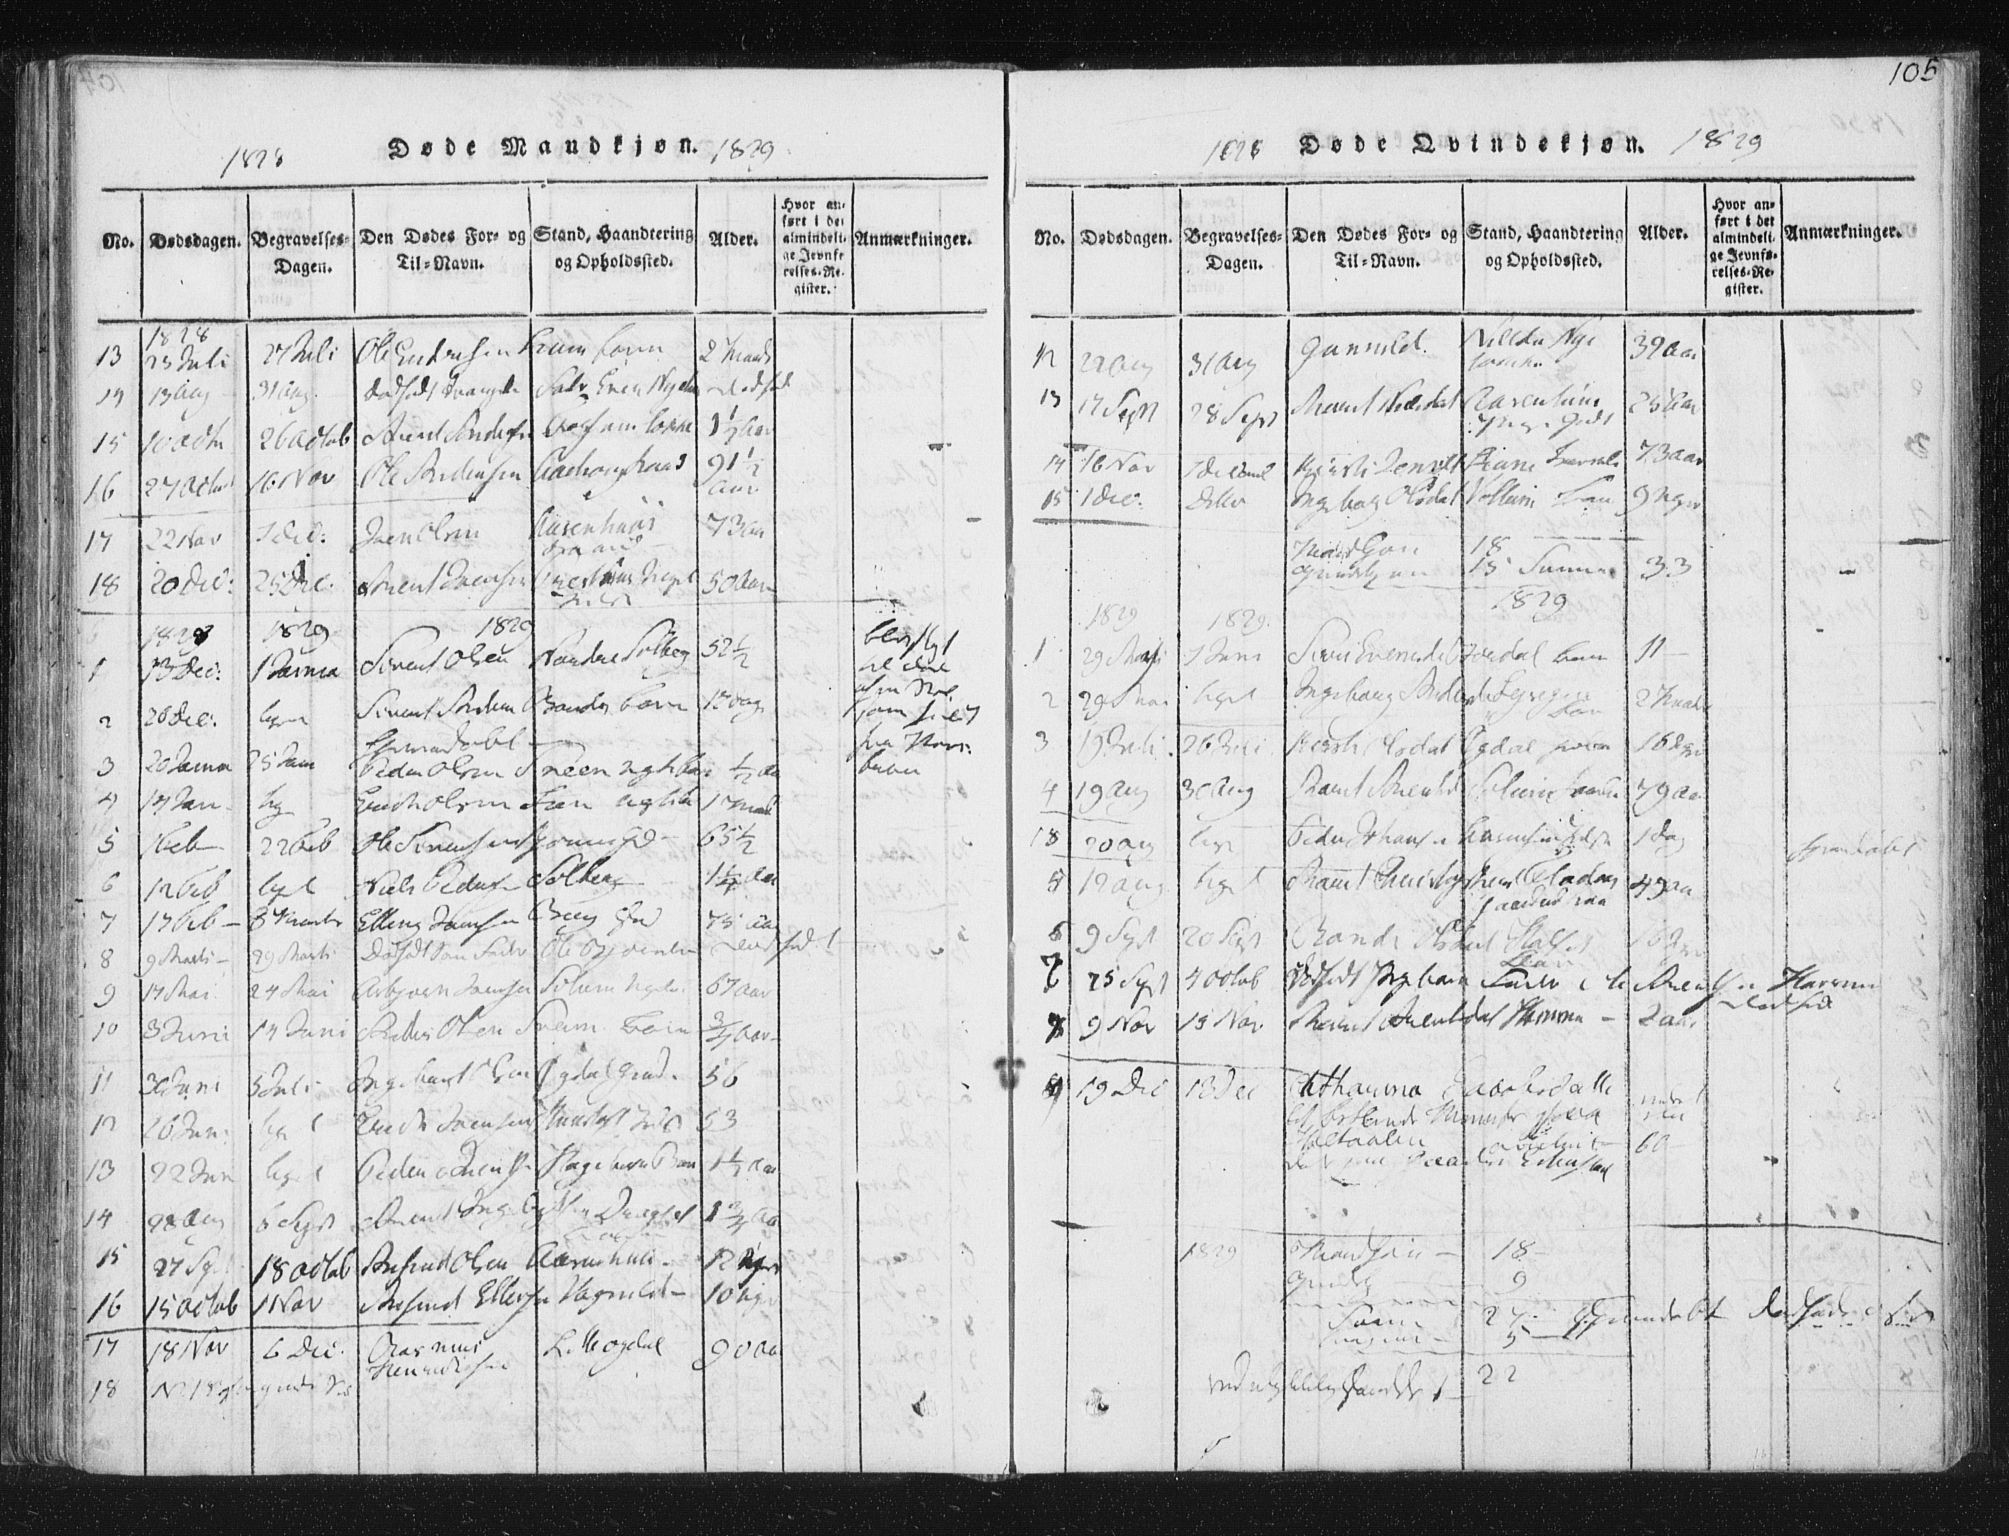 SAT, Ministerialprotokoller, klokkerbøker og fødselsregistre - Sør-Trøndelag, 689/L1037: Ministerialbok nr. 689A02, 1816-1842, s. 105